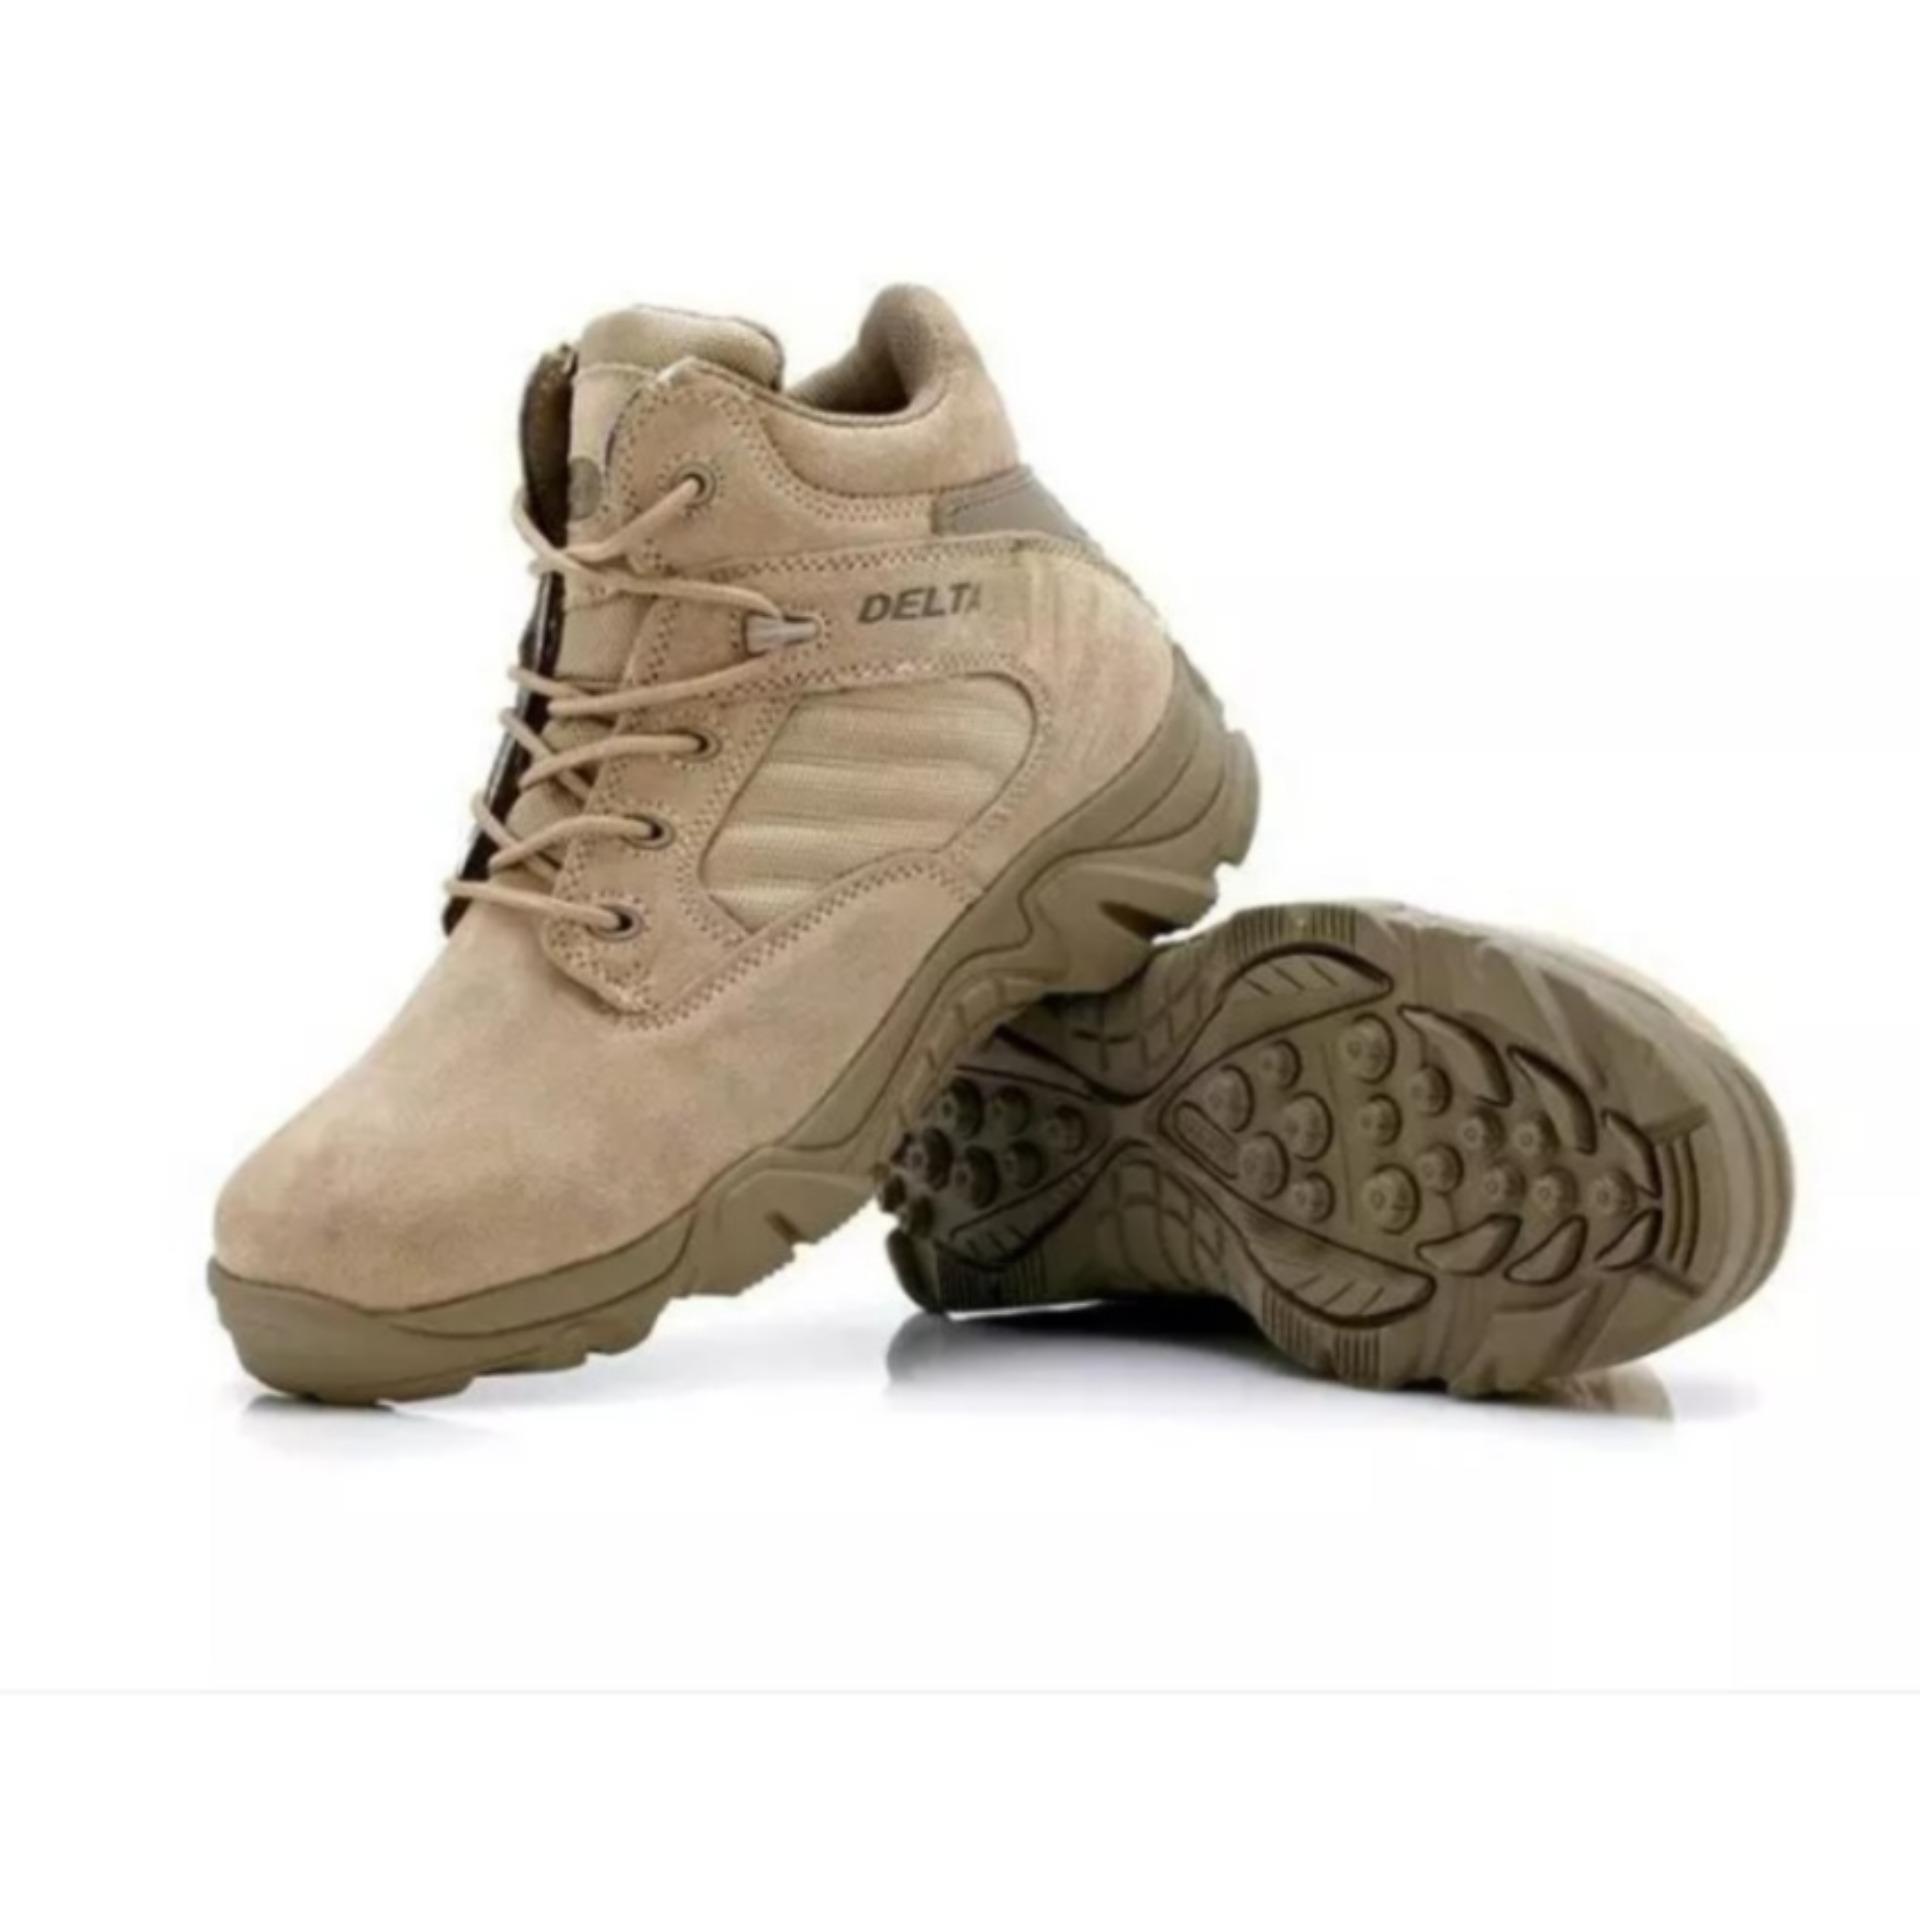 Delta Sepatu Cordura Tactical Boots 8 Tangurun - Daftar Harga ... 8018022461